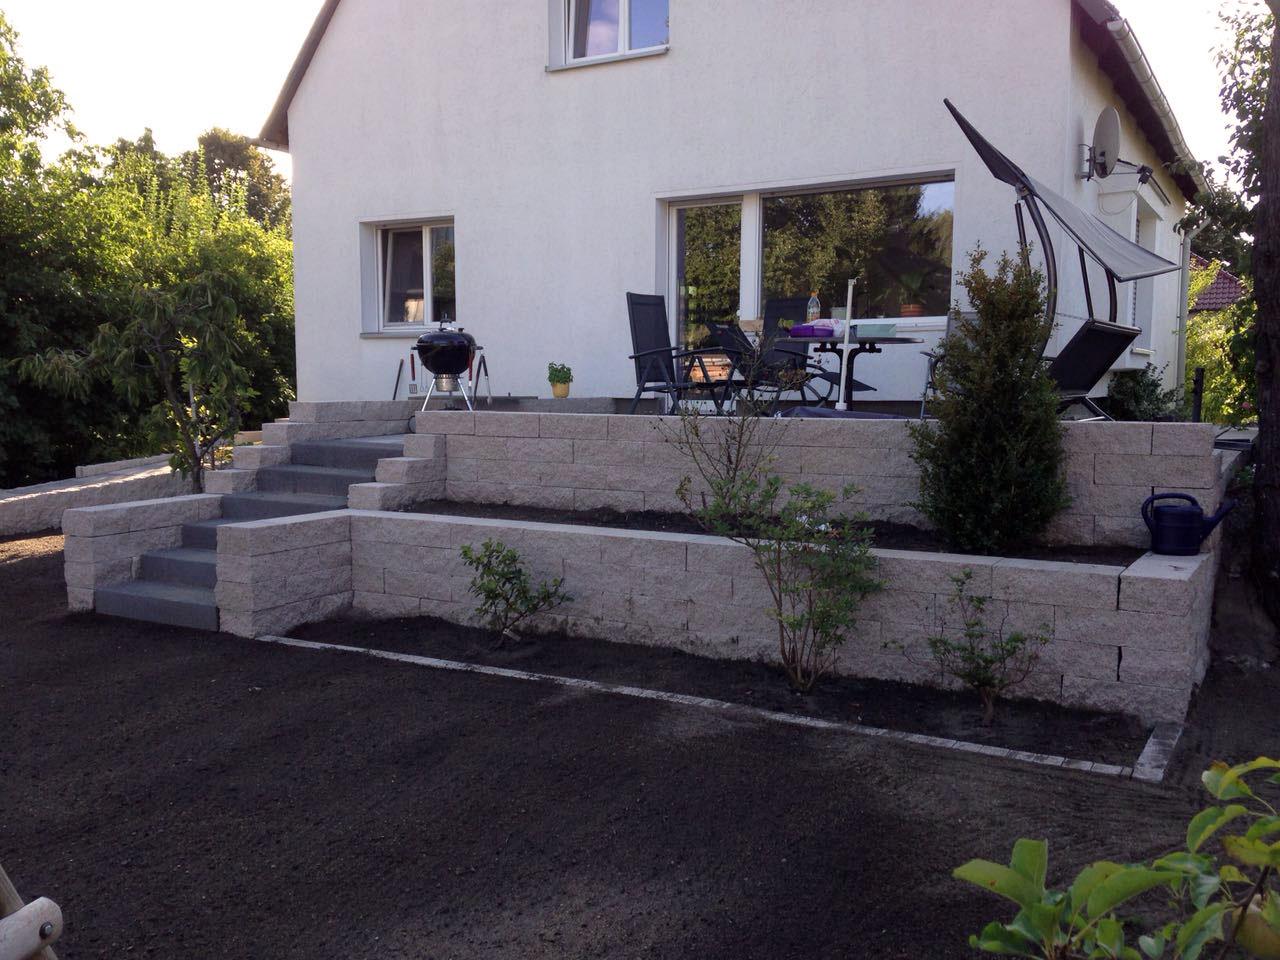 Gartenbau Landschaftsbau Projekte Galerie – Fabian Zottmann Gartenbau